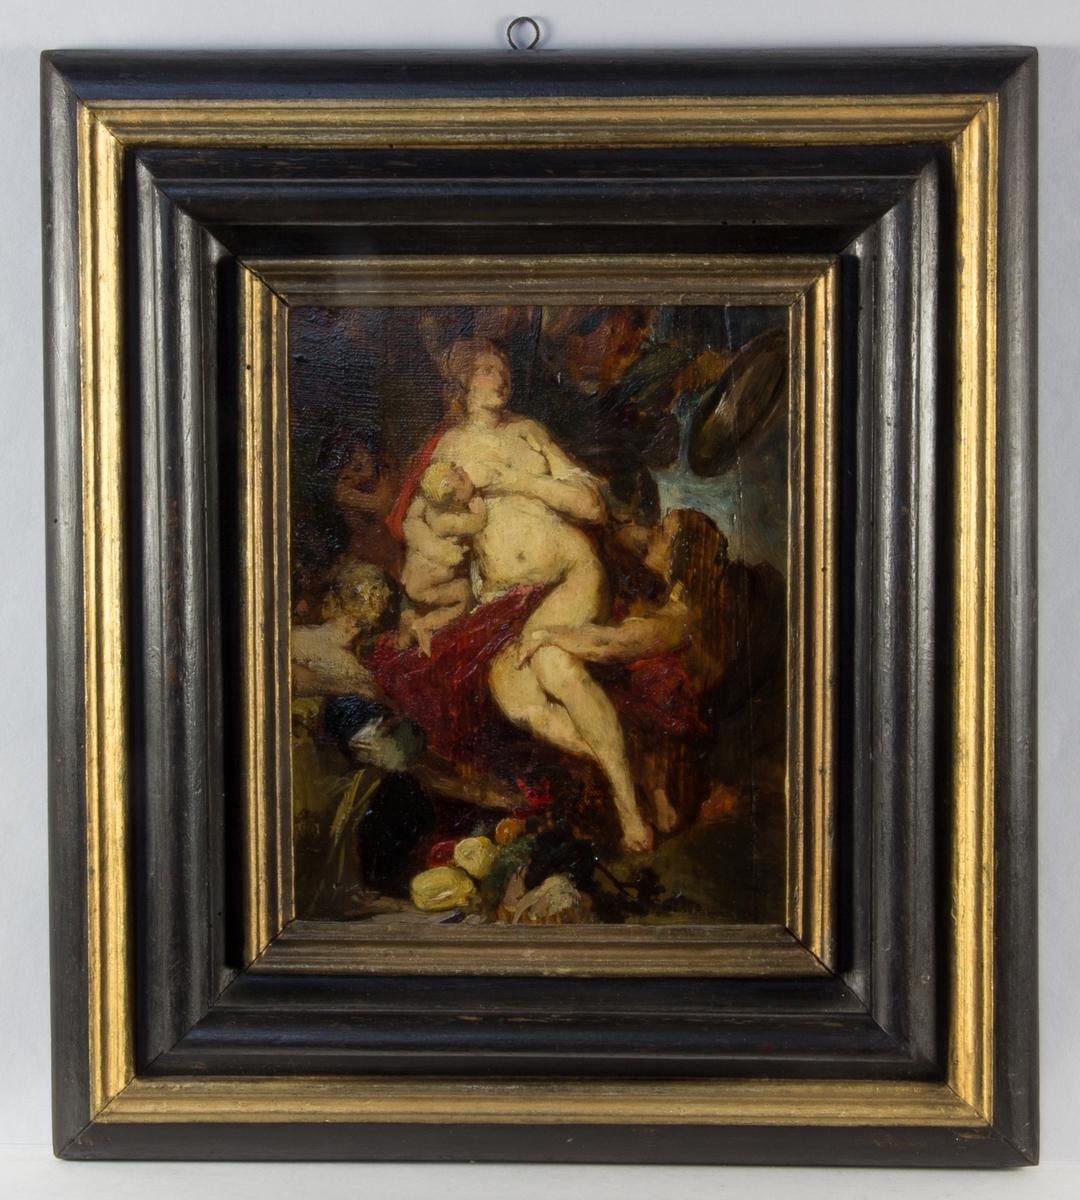 Grupp ur målningen Krig och fred, mittpartiet med Freden, en naken kvinna som har ett barn vid bröstet. Omgiven av flera figurer.